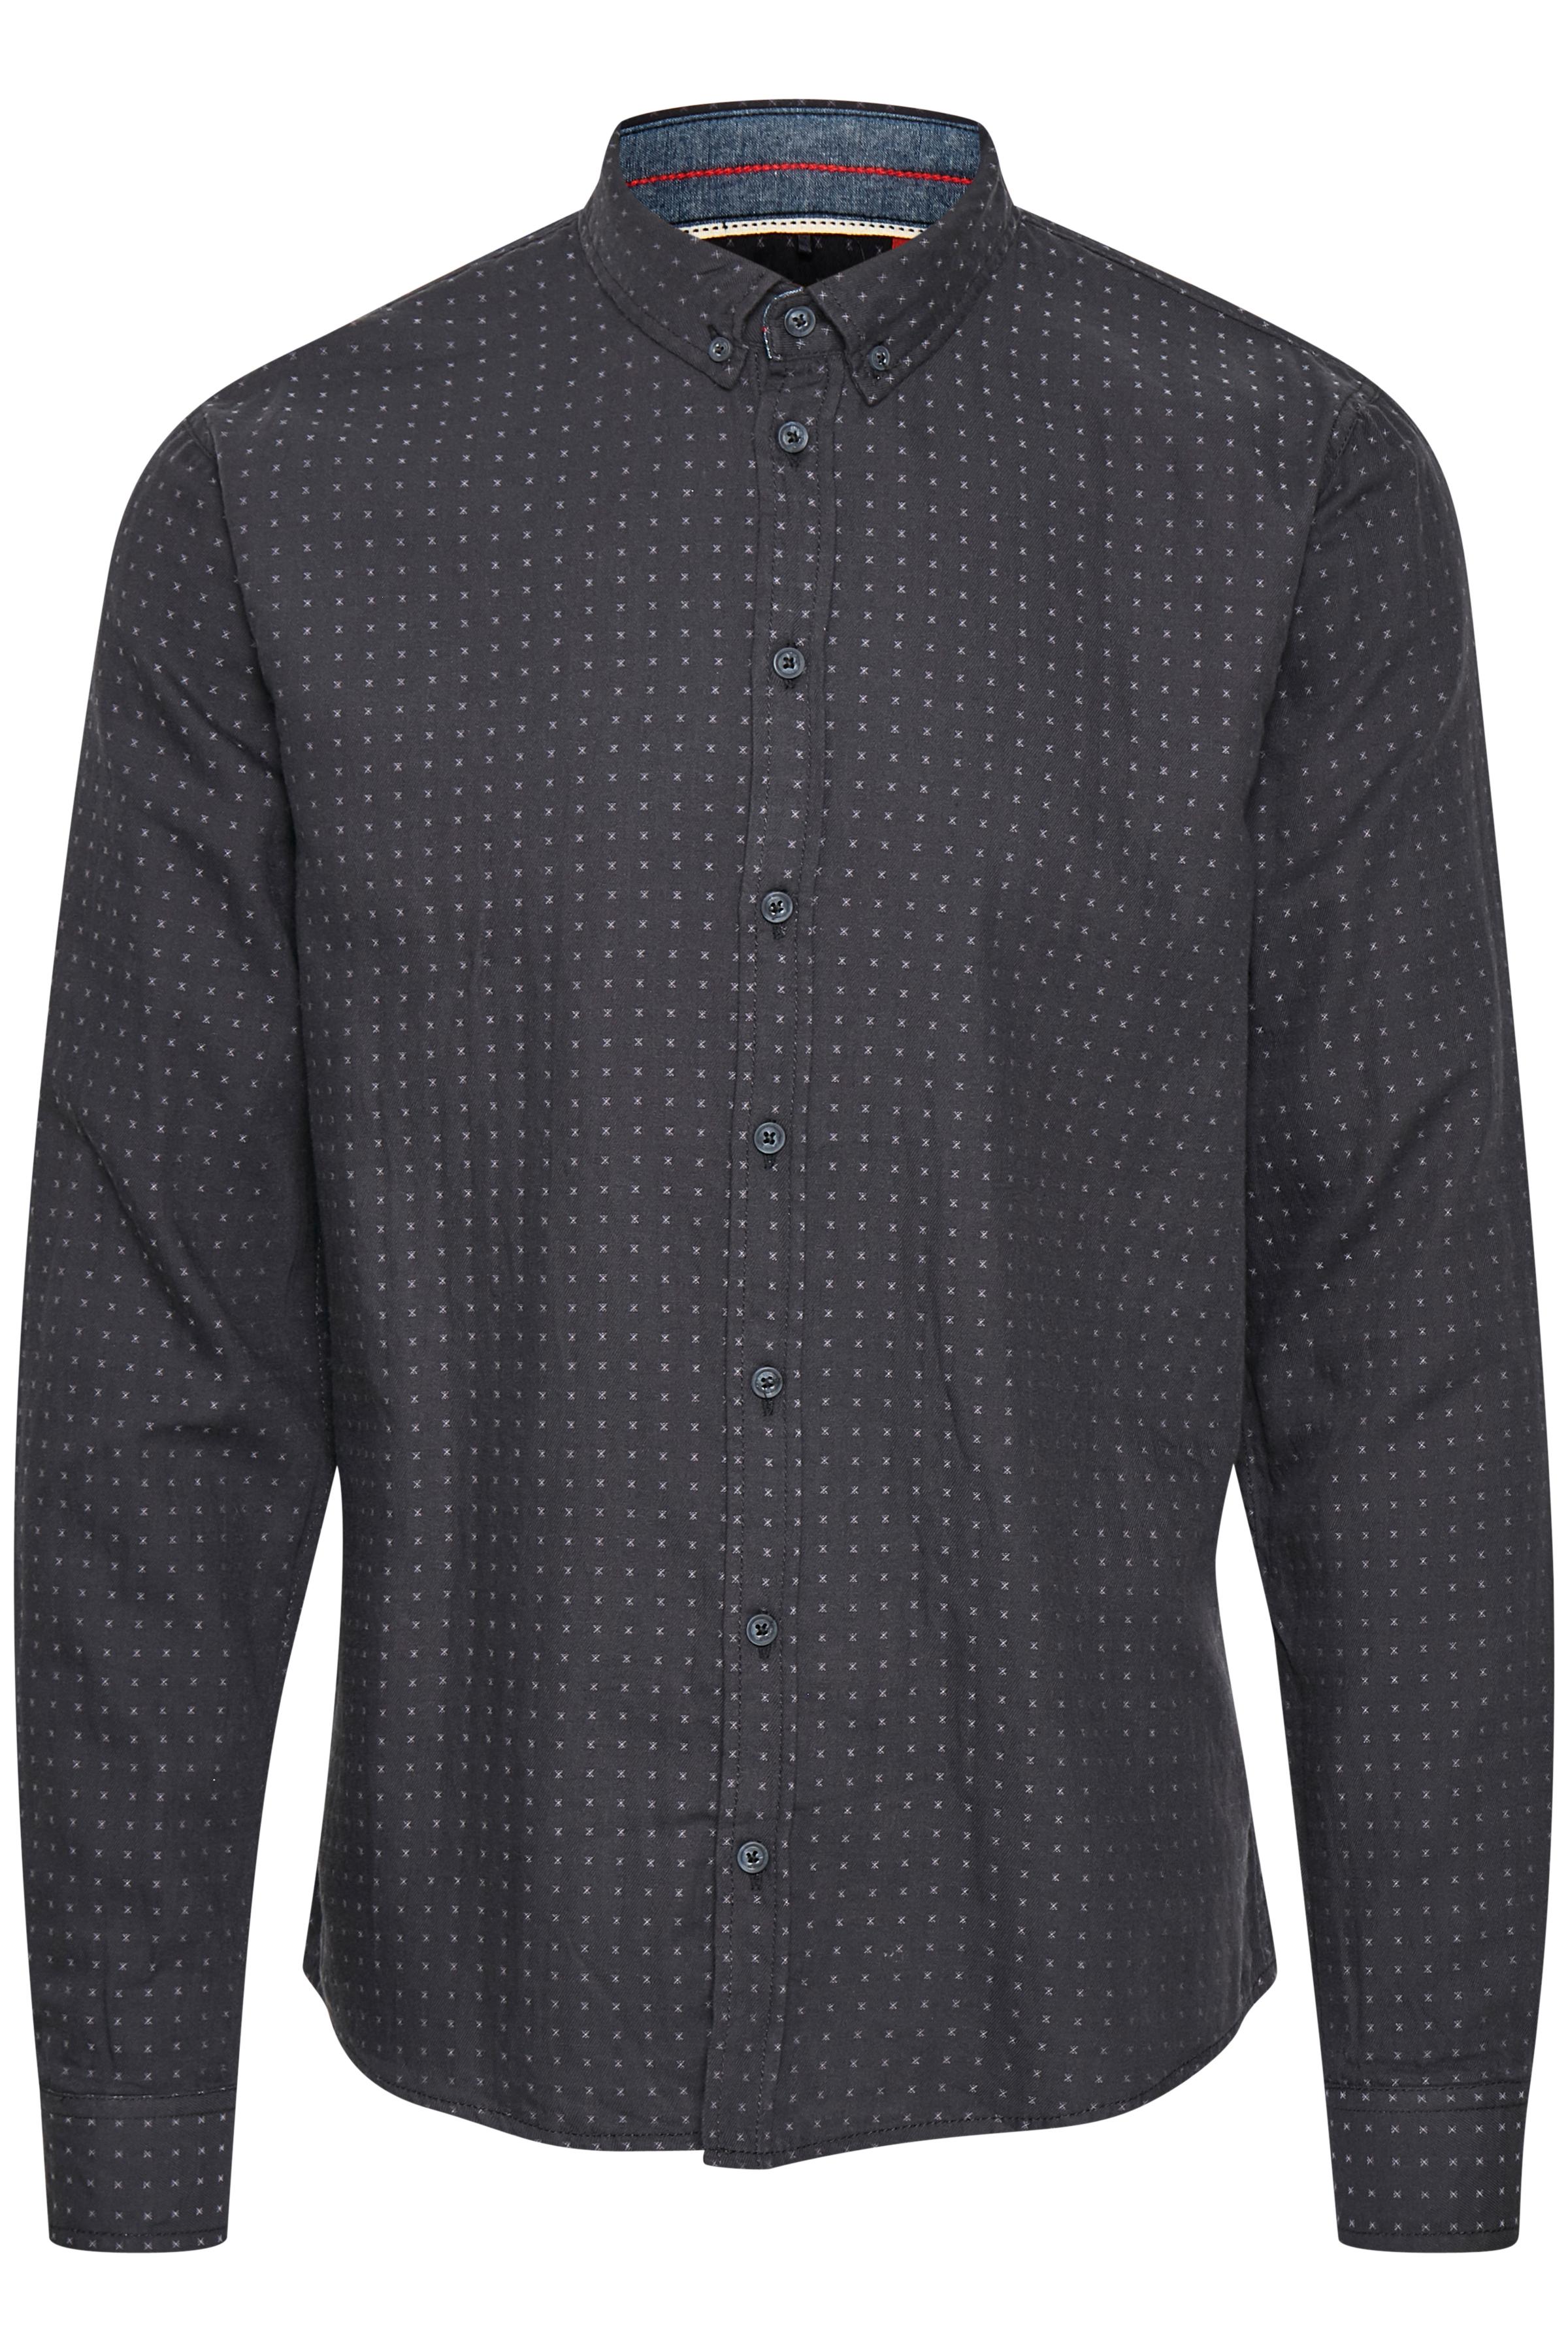 Dark Navy Blue Langærmet skjorte – Køb Dark Navy Blue Langærmet skjorte fra str. S-XXL her